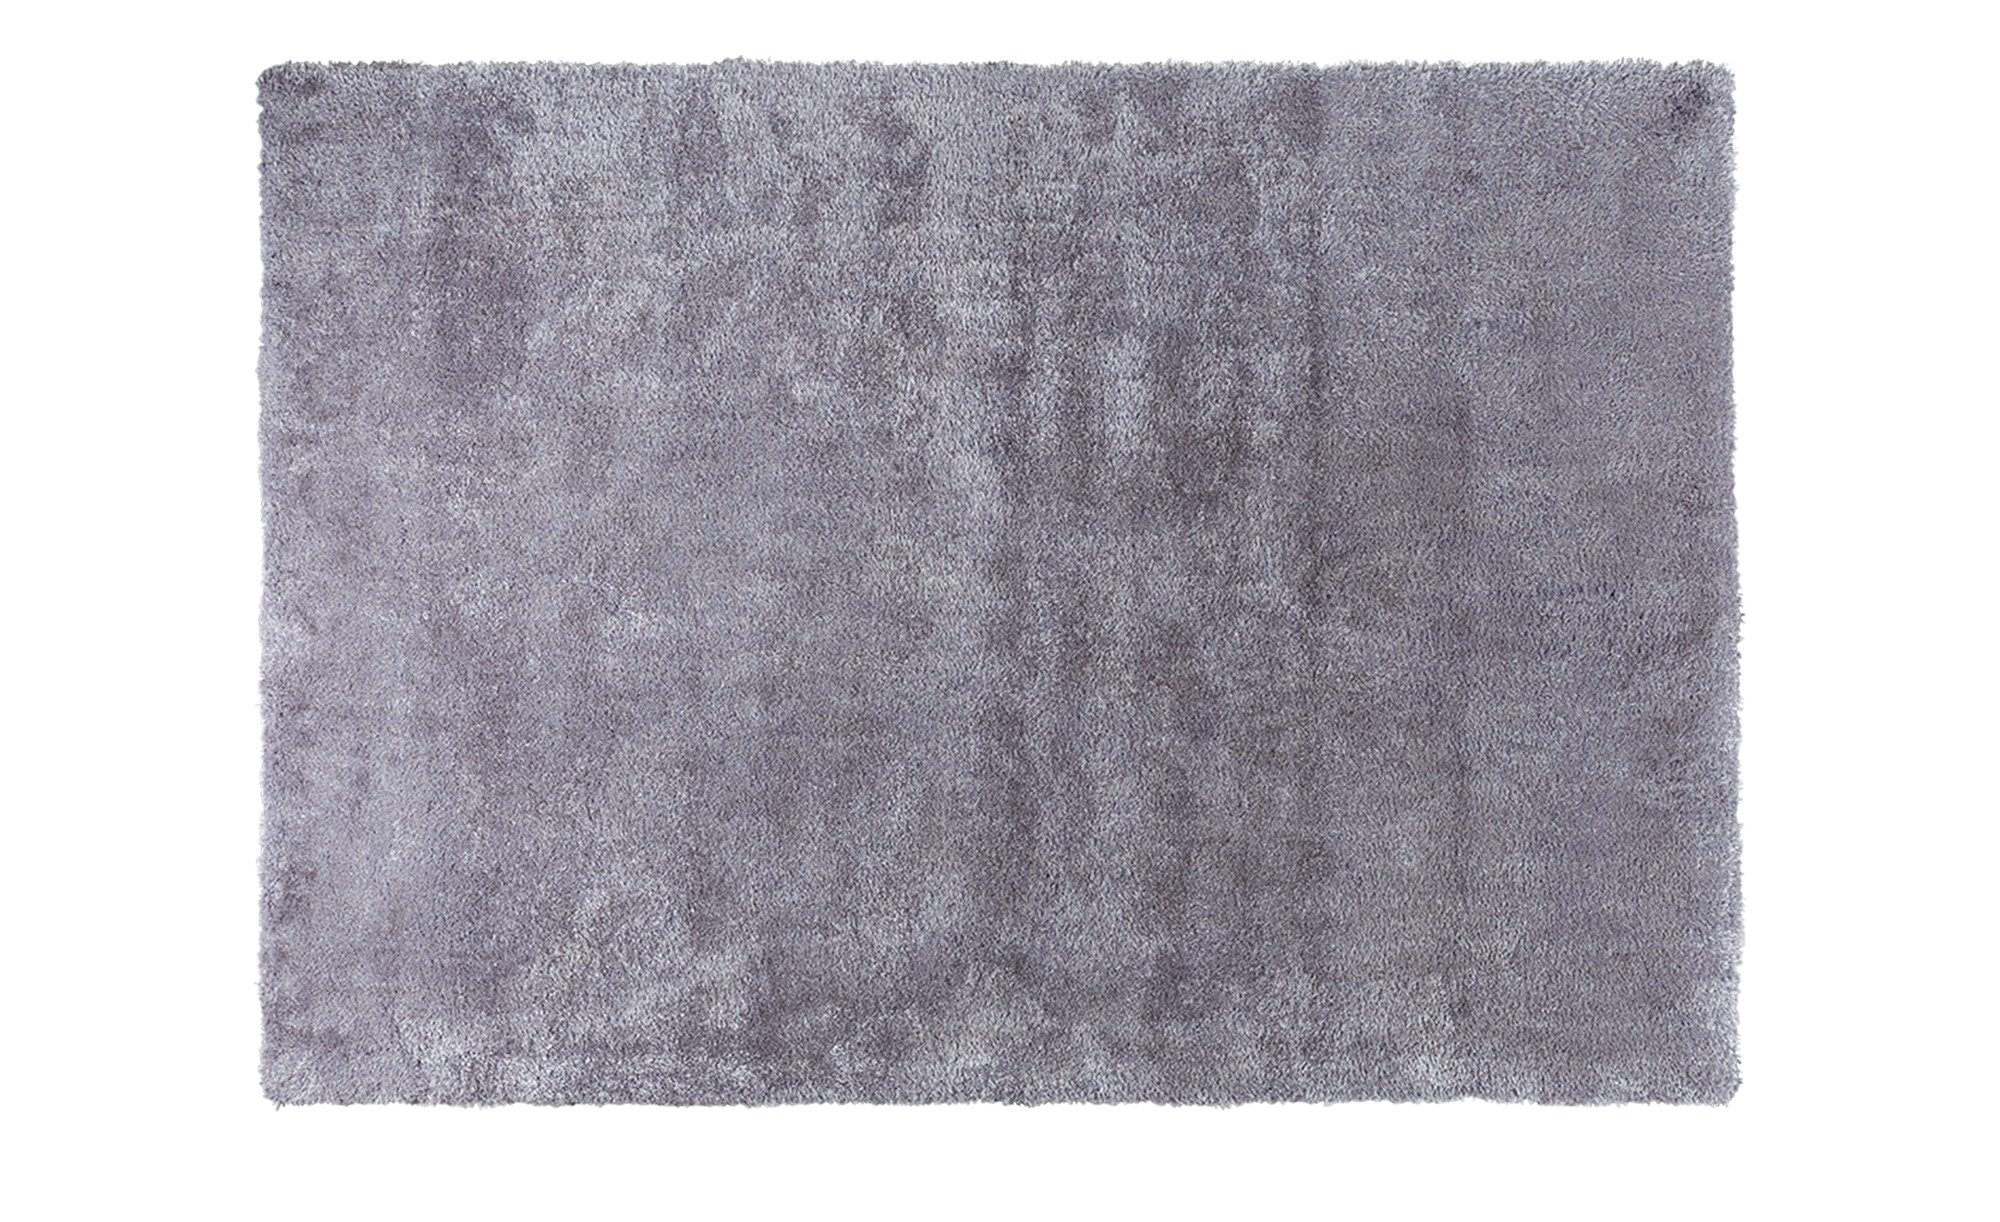 Tom Tailor Handtuft-Teppich  Soft uni ¦ grau ¦ 100 % Polypropylen, Synthethische Fasern ¦ Maße (cm): B: 65 Teppiche > Wohnteppiche > Hochflorteppiche - Höffner